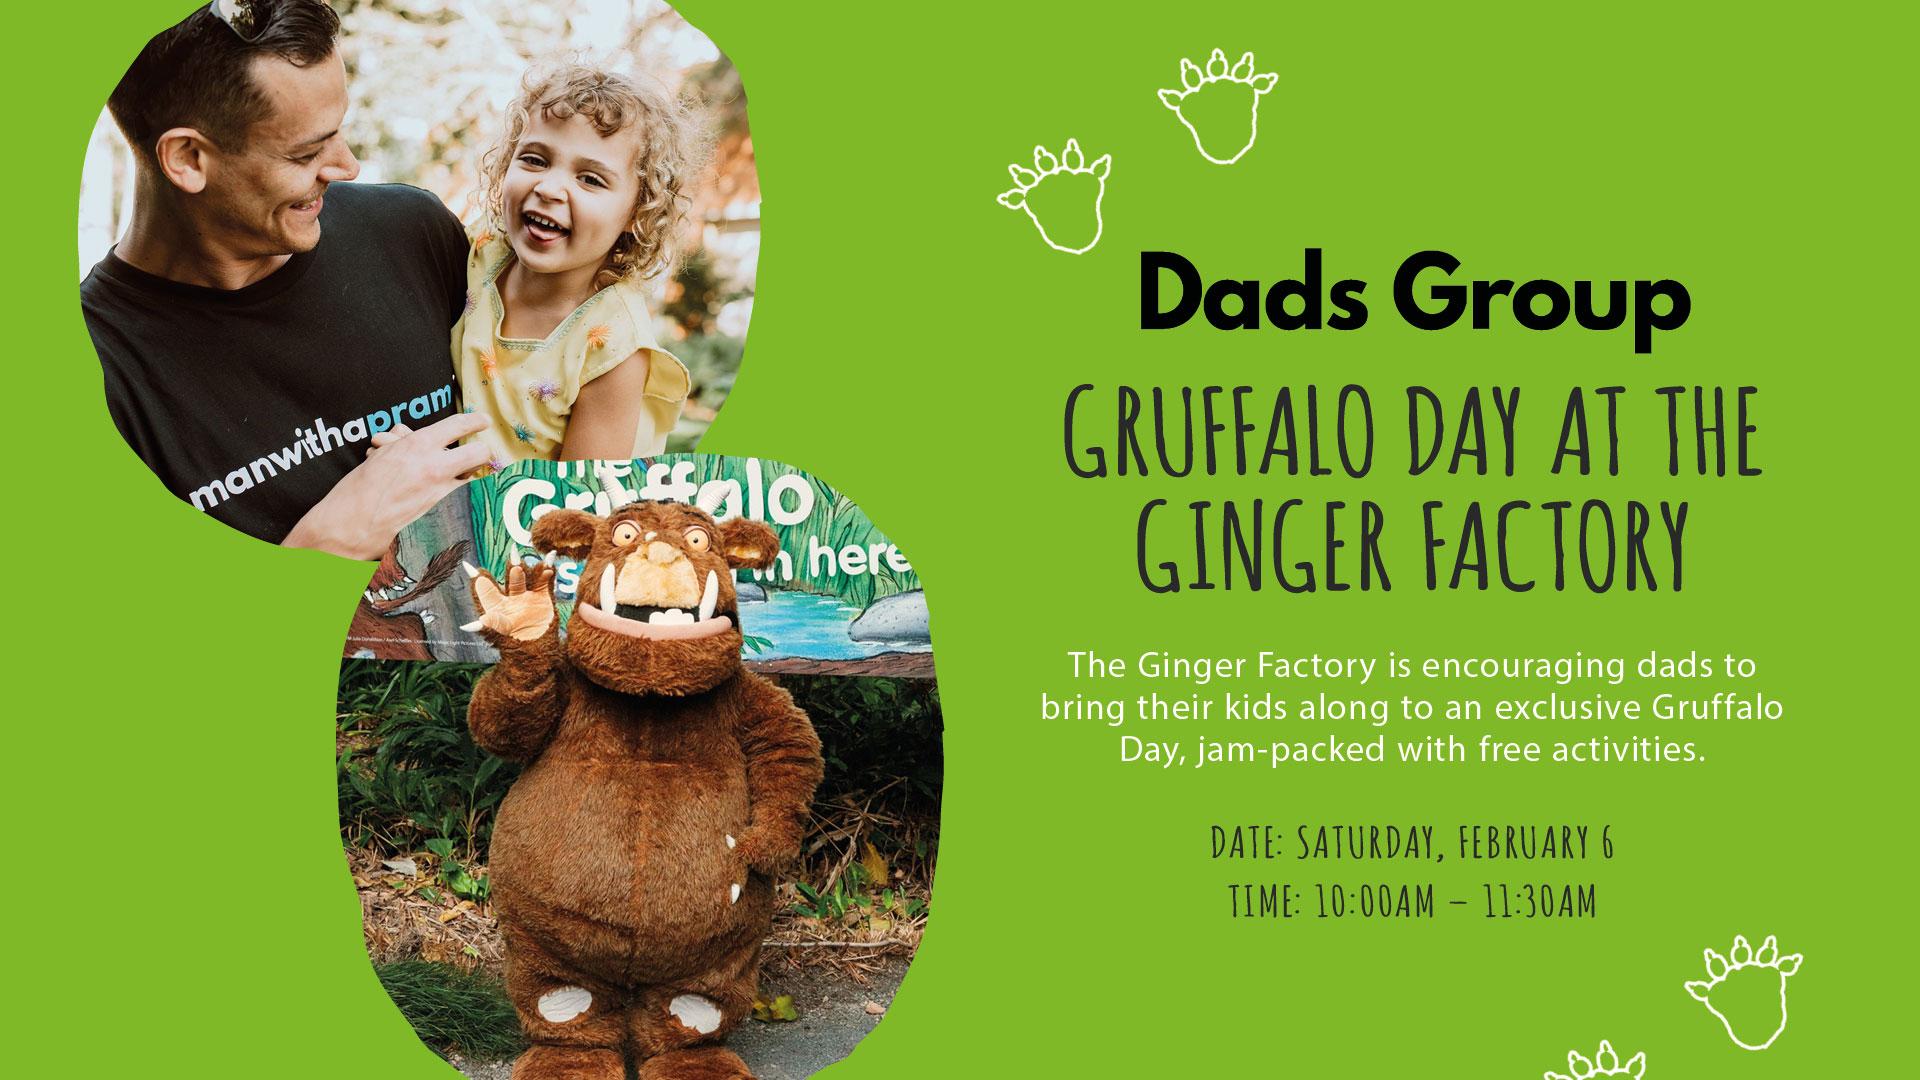 Gf Grufallo Dads Group Web Slider 1920x1080 (3)